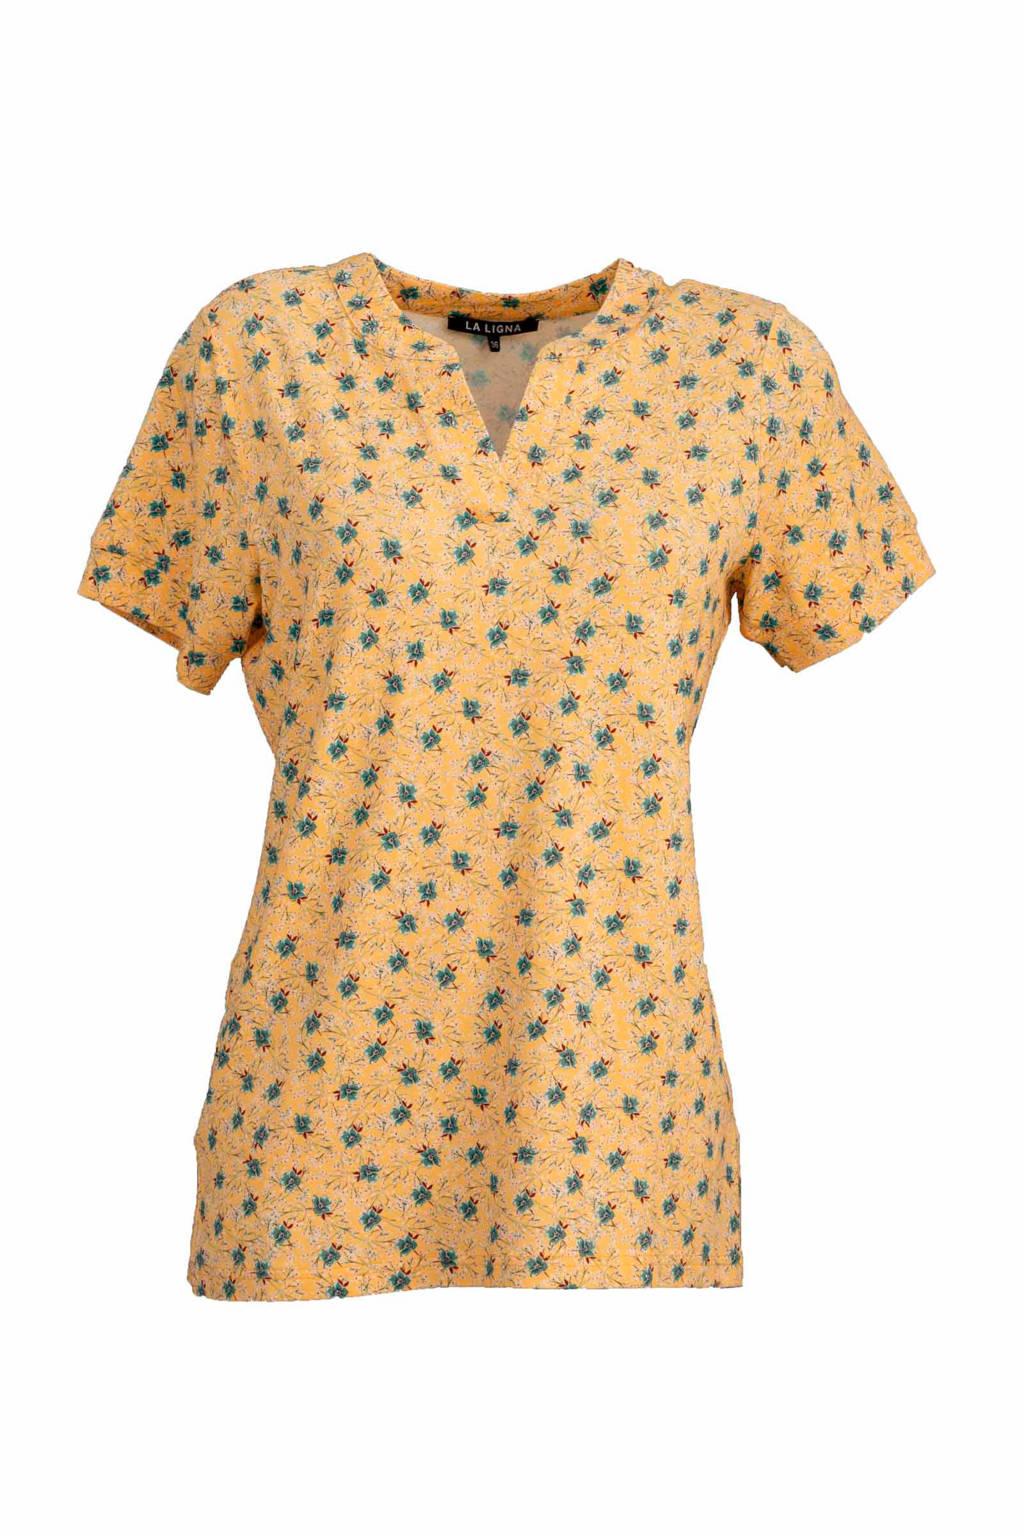 La Ligna gebloemd T-shirt geel, Geel